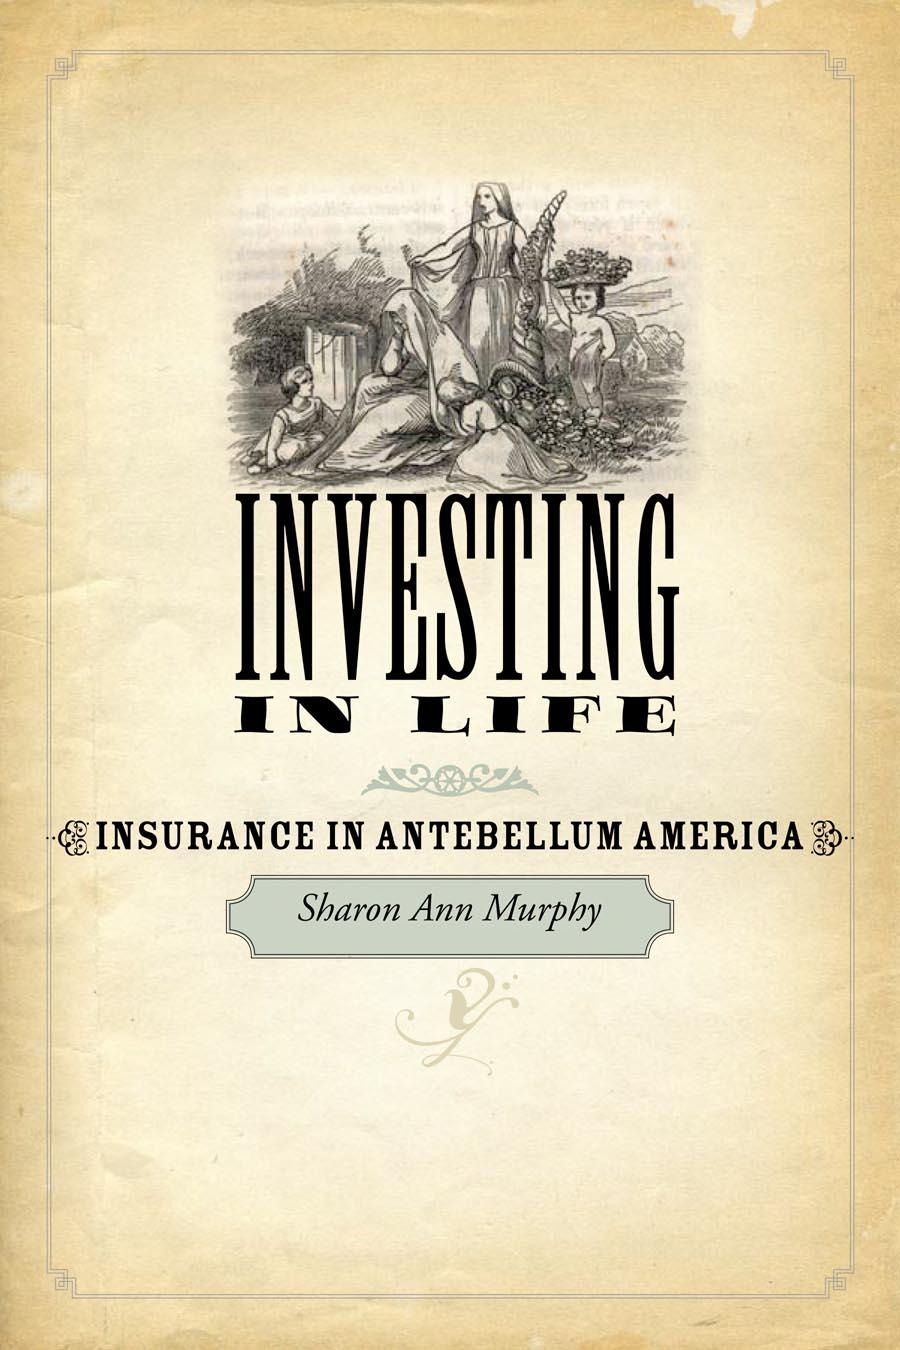 Investing in Life – Insurance in Antebellum America